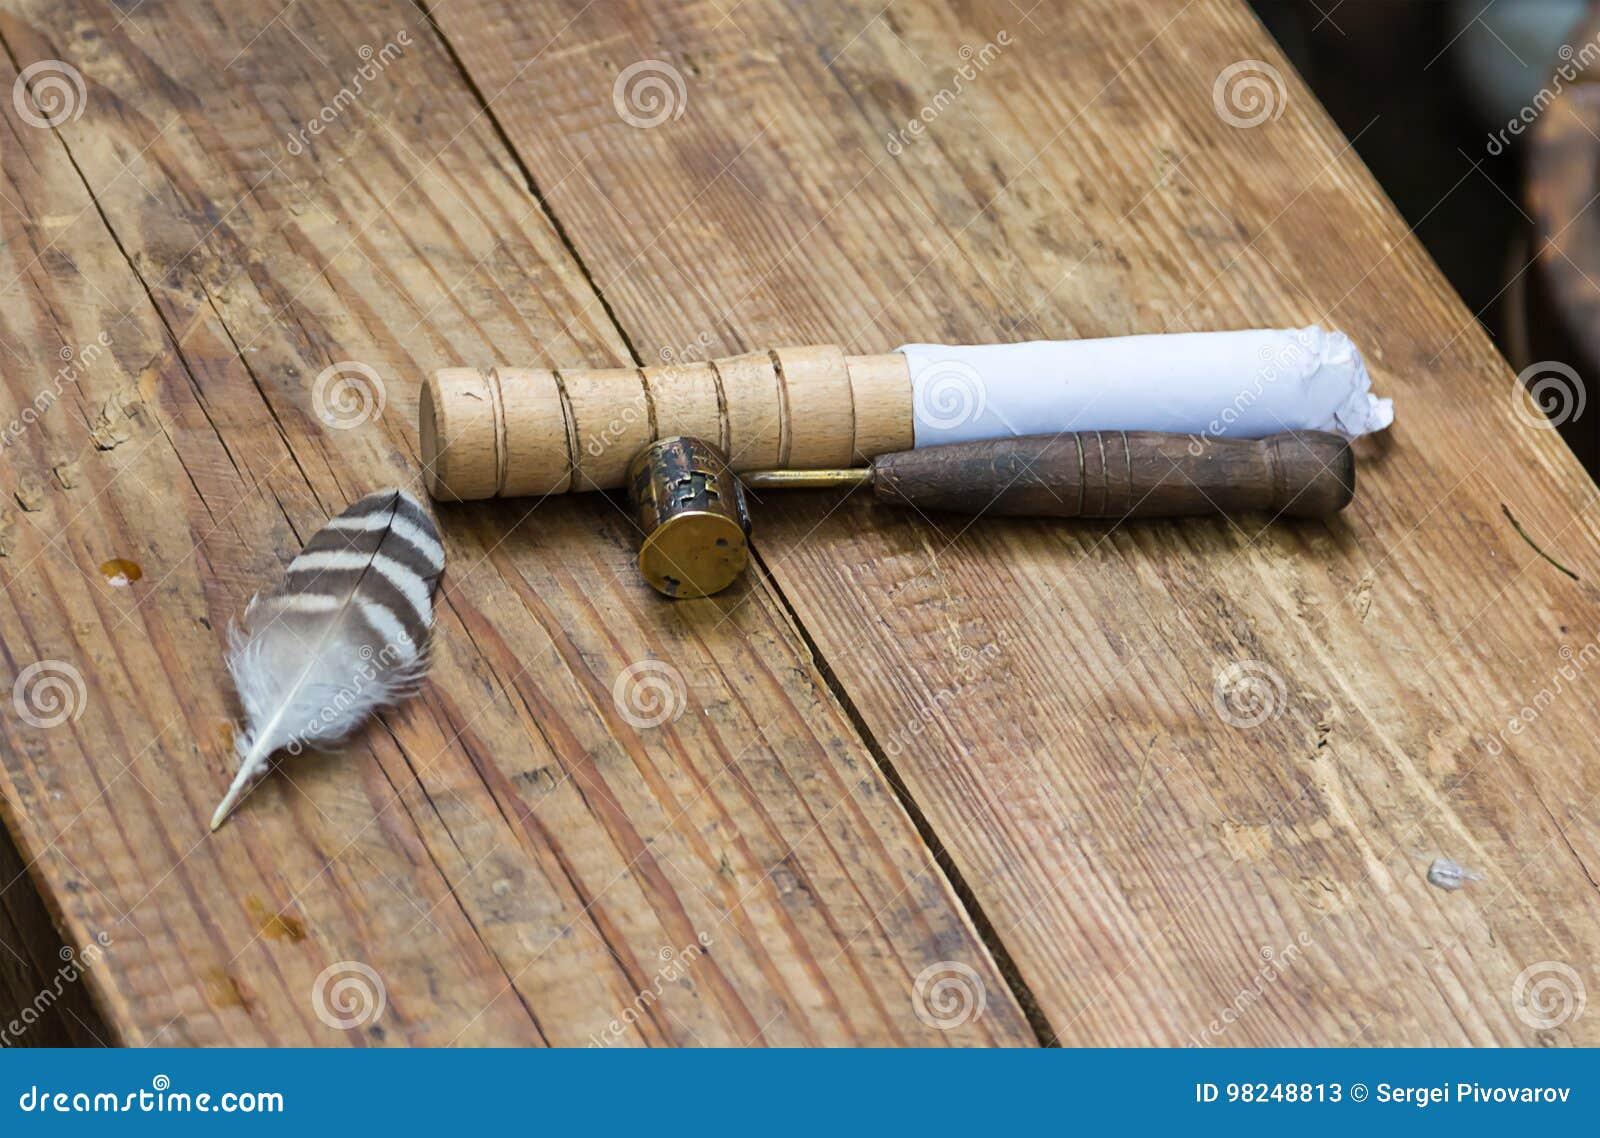 Tradycyjny antyka narzędzie w ciskać metali produkty od ołowianej aptekarki kopyści z śniedzią na drewnianym